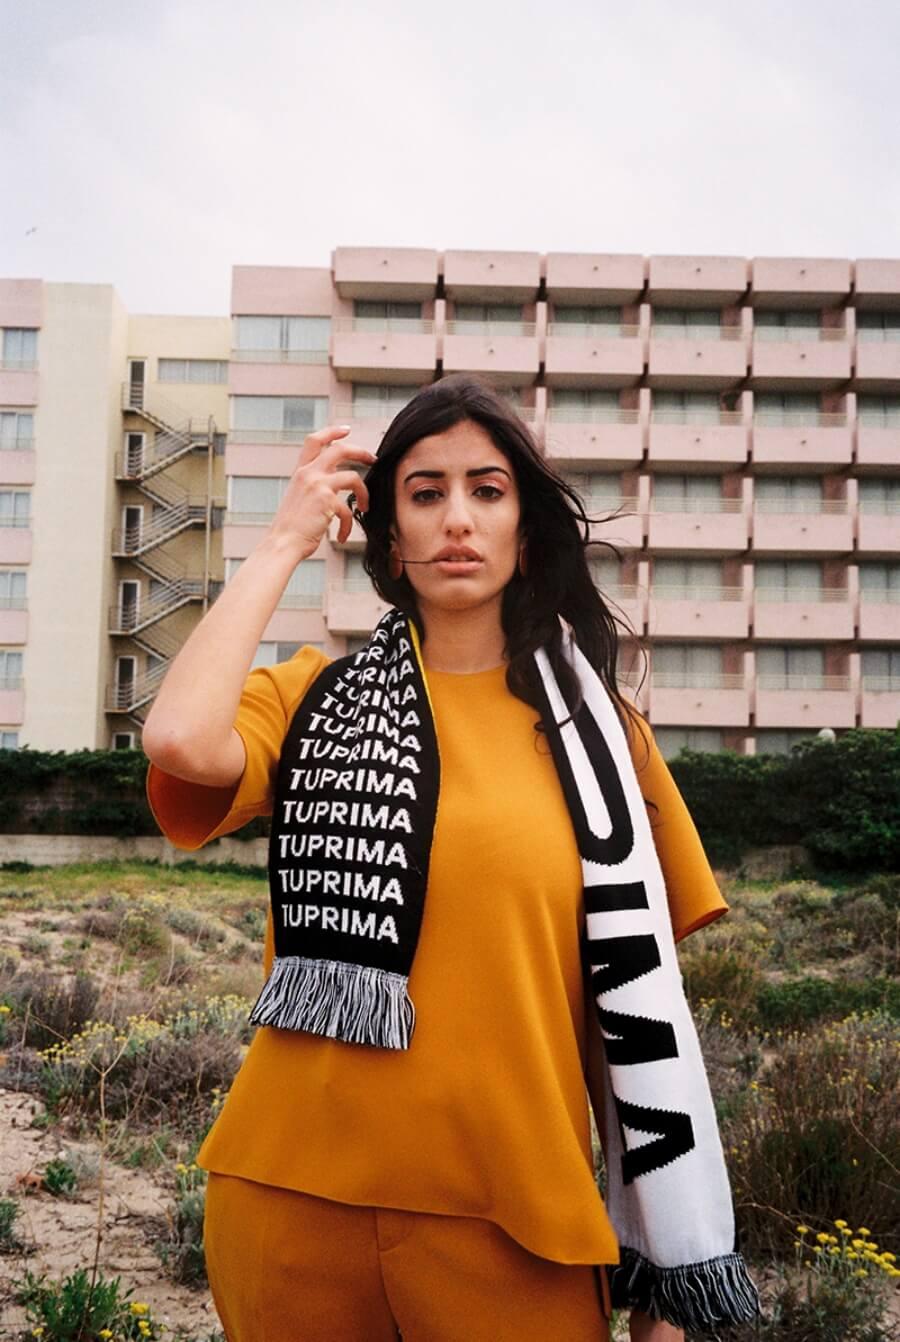 Nueva colección de TuPrima, la marca española street wear - All City Canvas